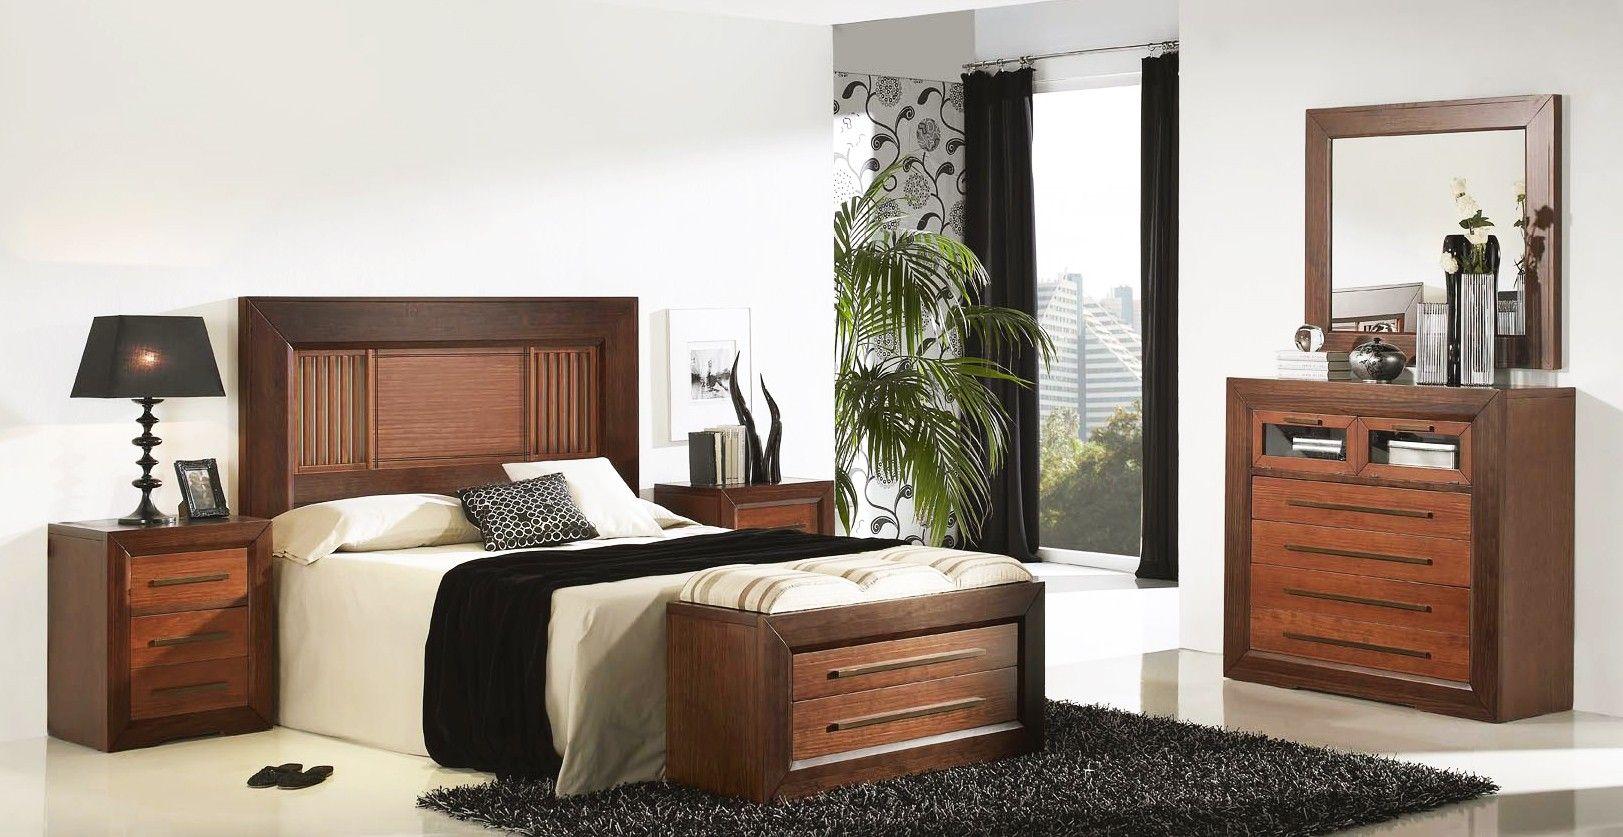 Dormitorio de matrimonio realizado en madera de pino macizo y ...